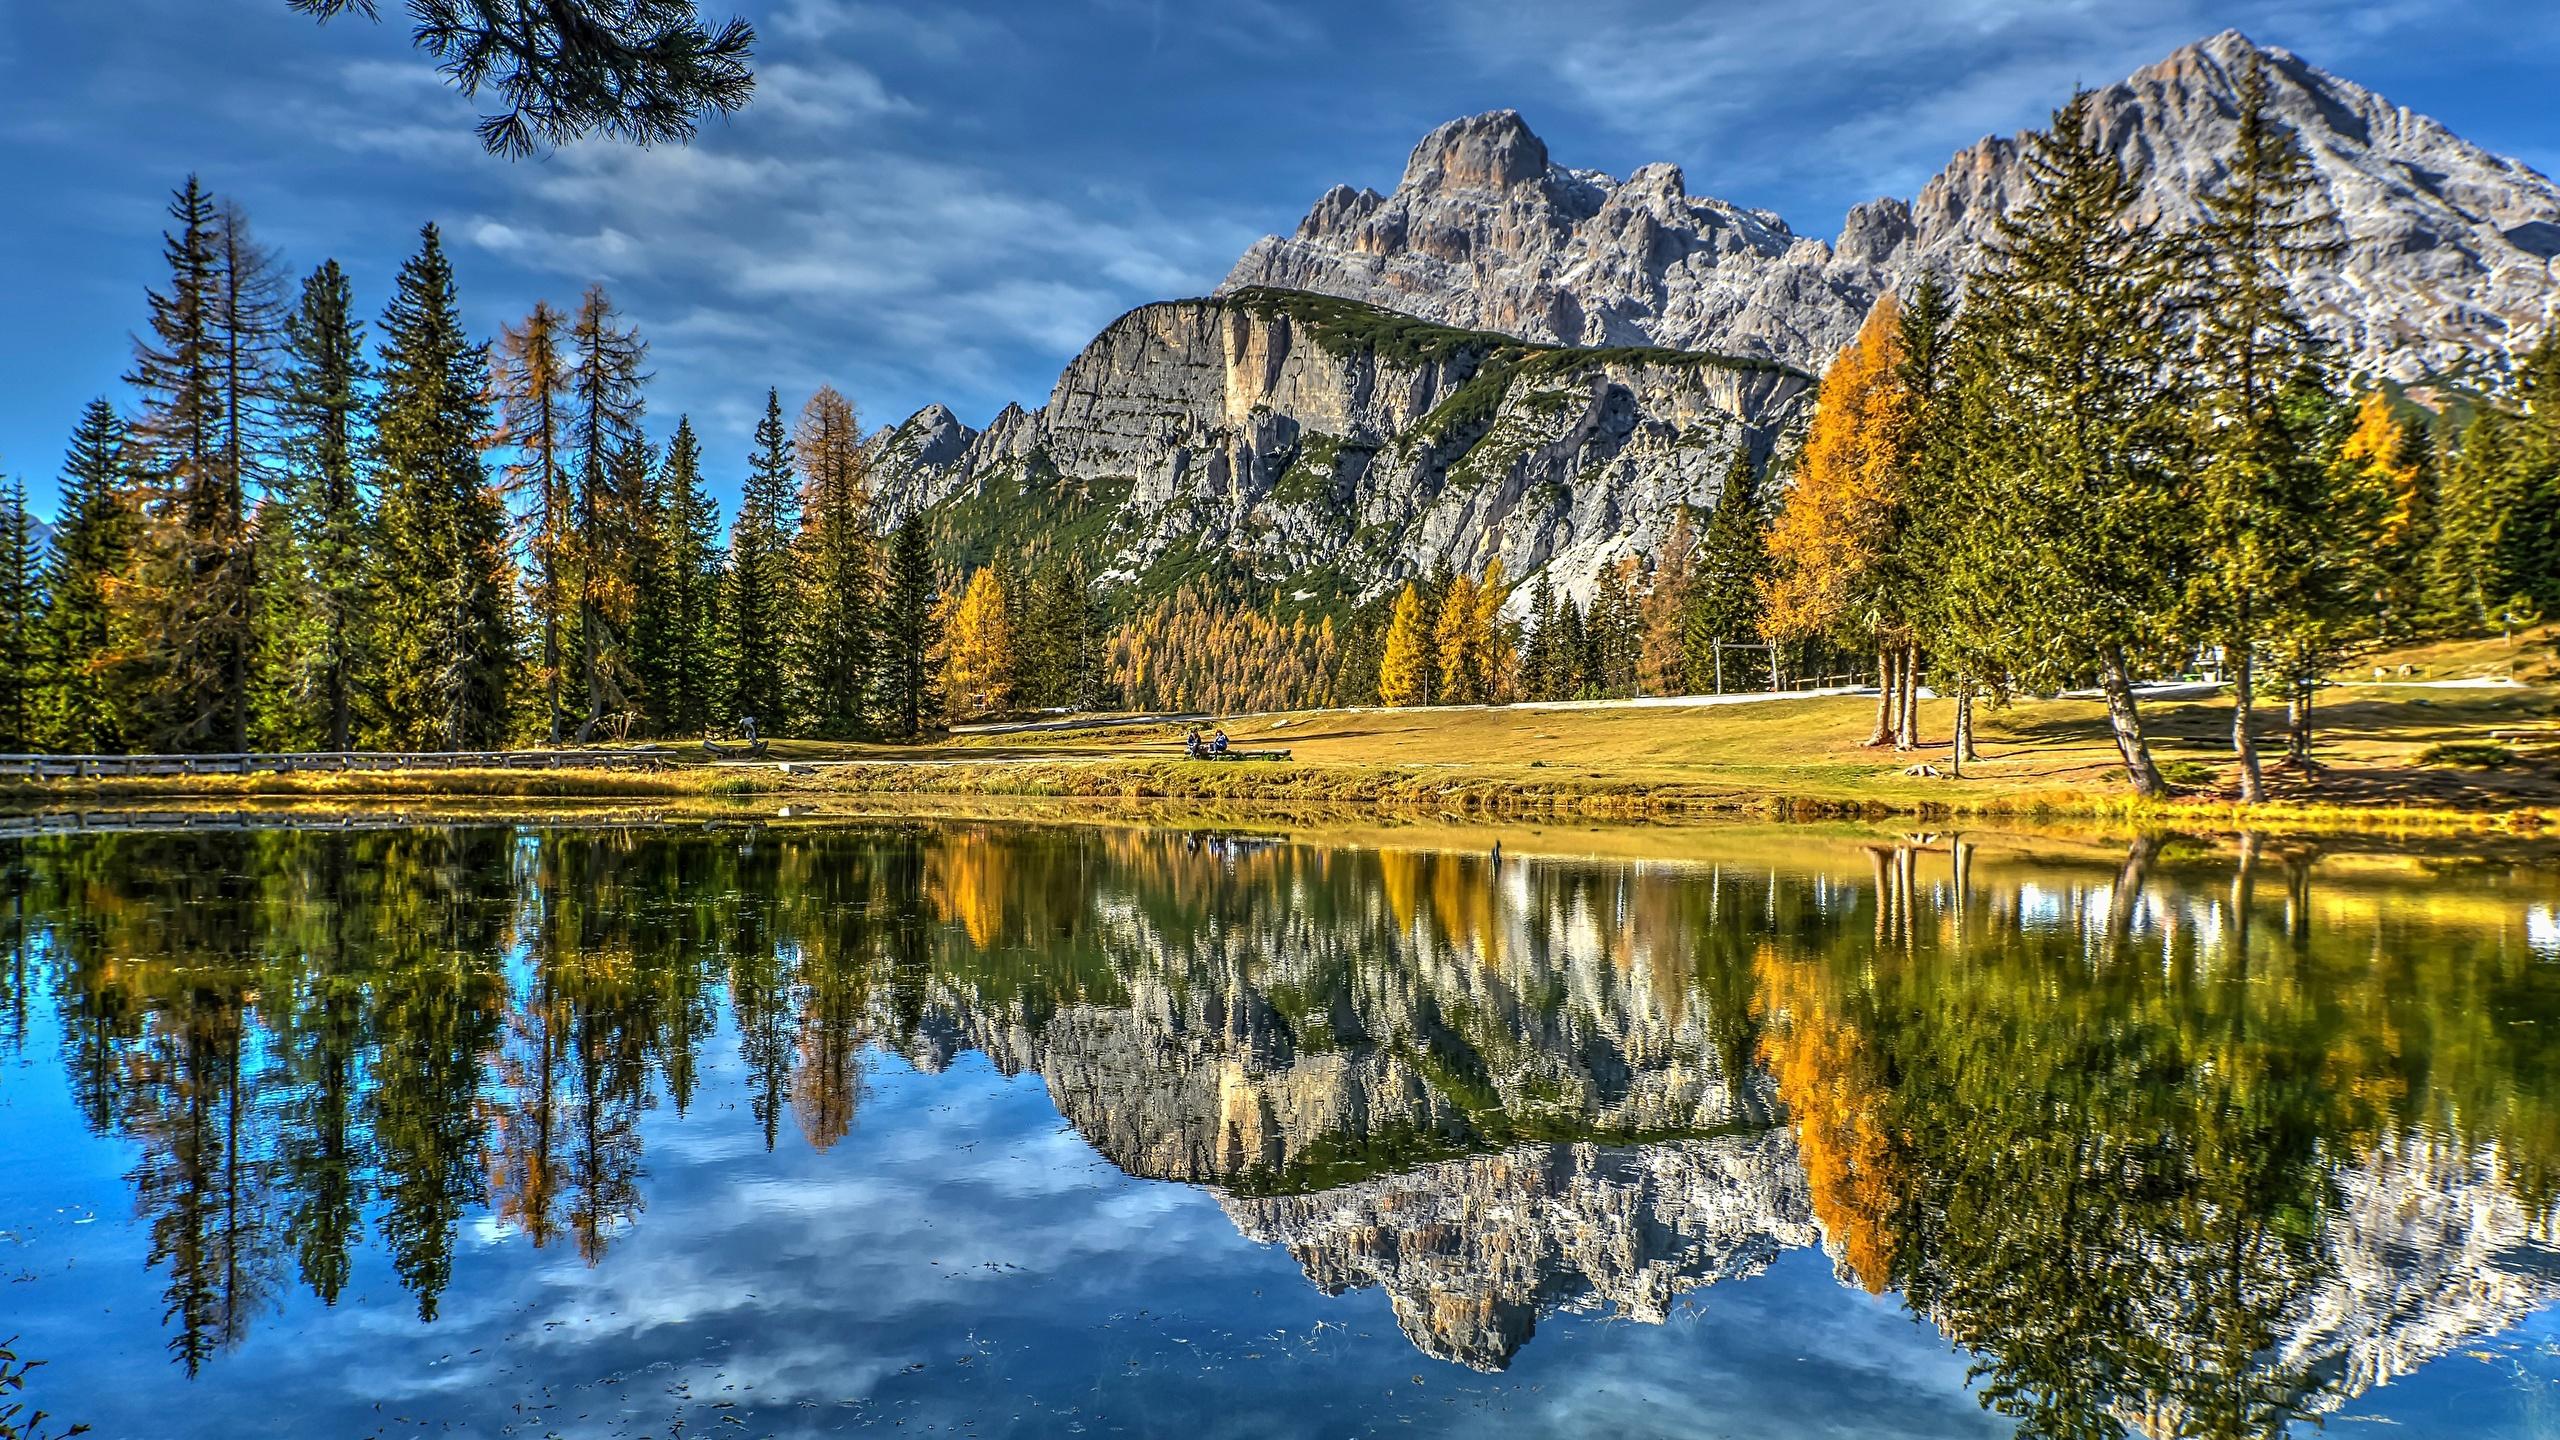 Фото Италия Dolomites Lake Antorno гора Природа Озеро Пейзаж отражается 2560x1440 Горы Отражение отражении